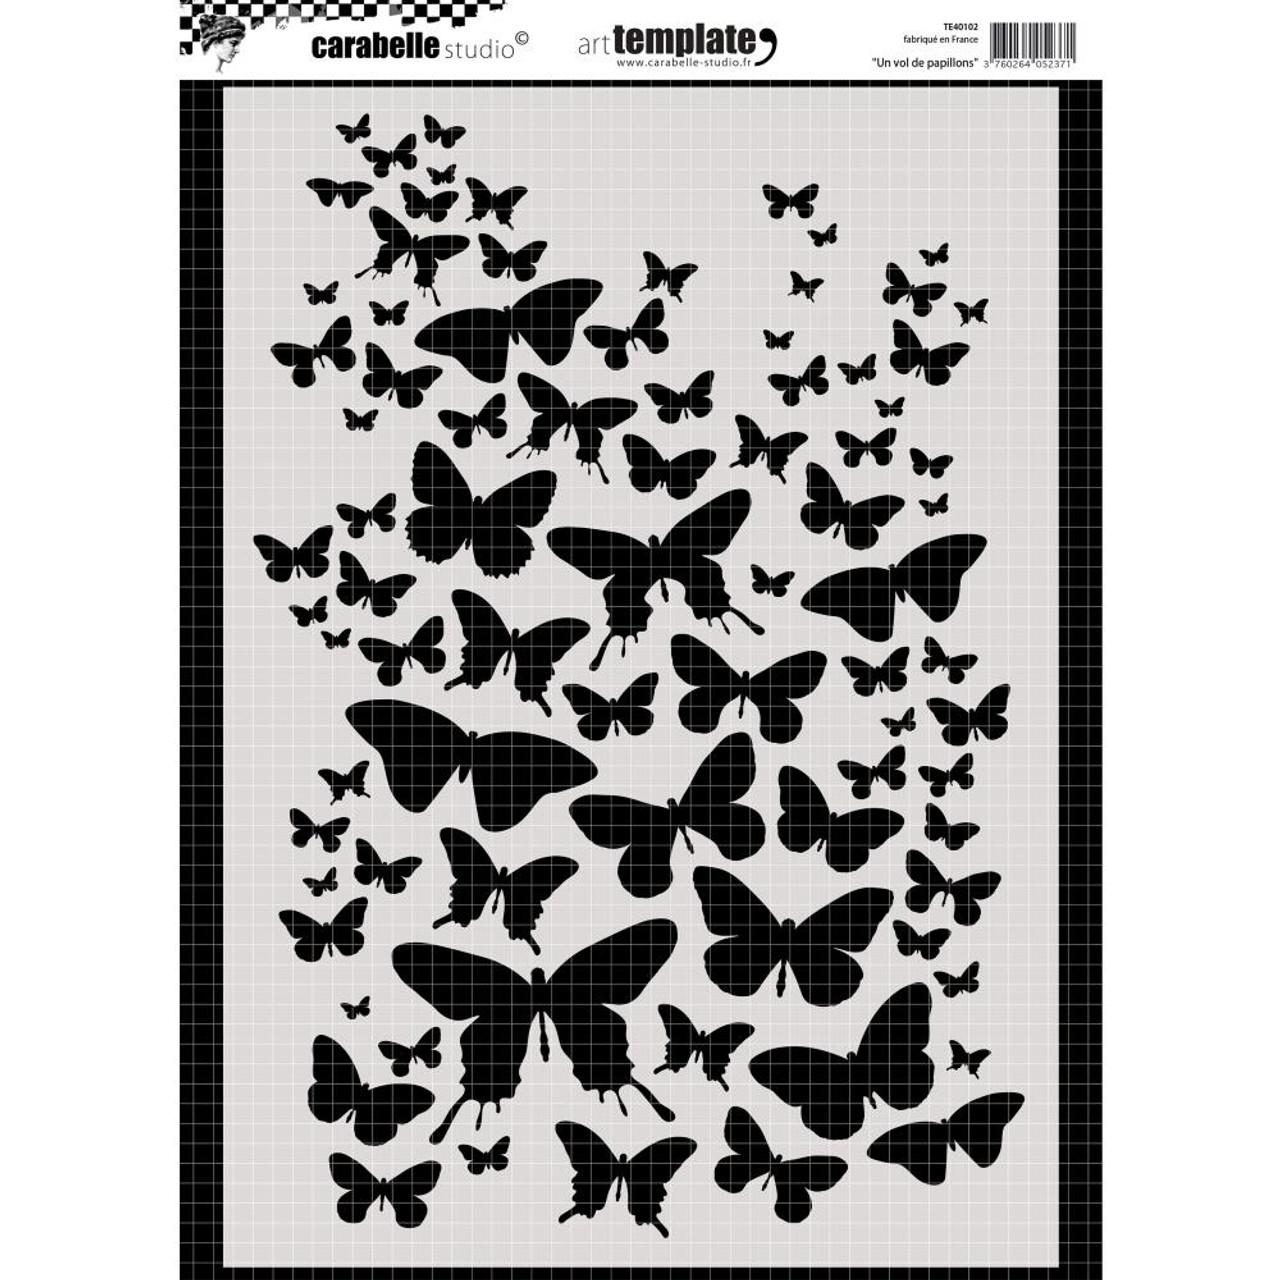 24b9b4fad3 Carabelle Studio Template A4 - Flight Of The Butterflies ...